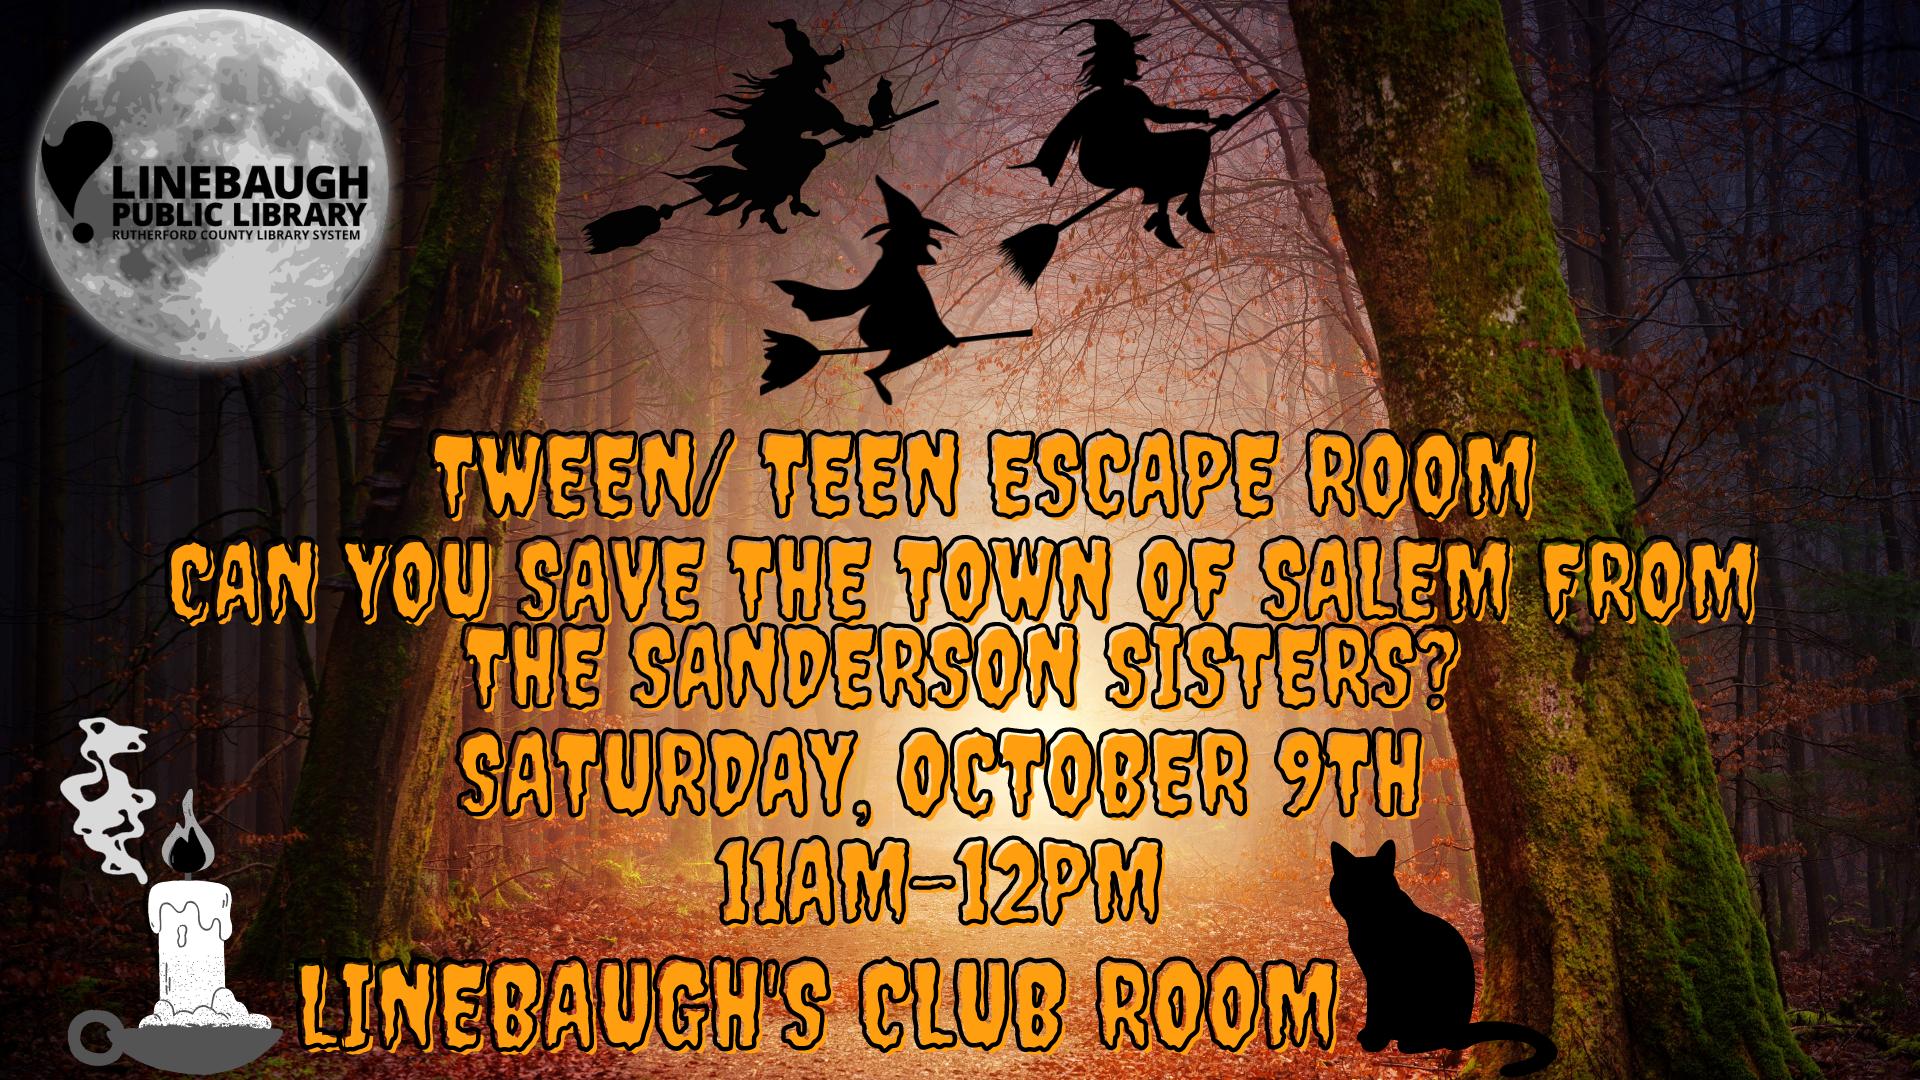 Tween & Teen Escape Room